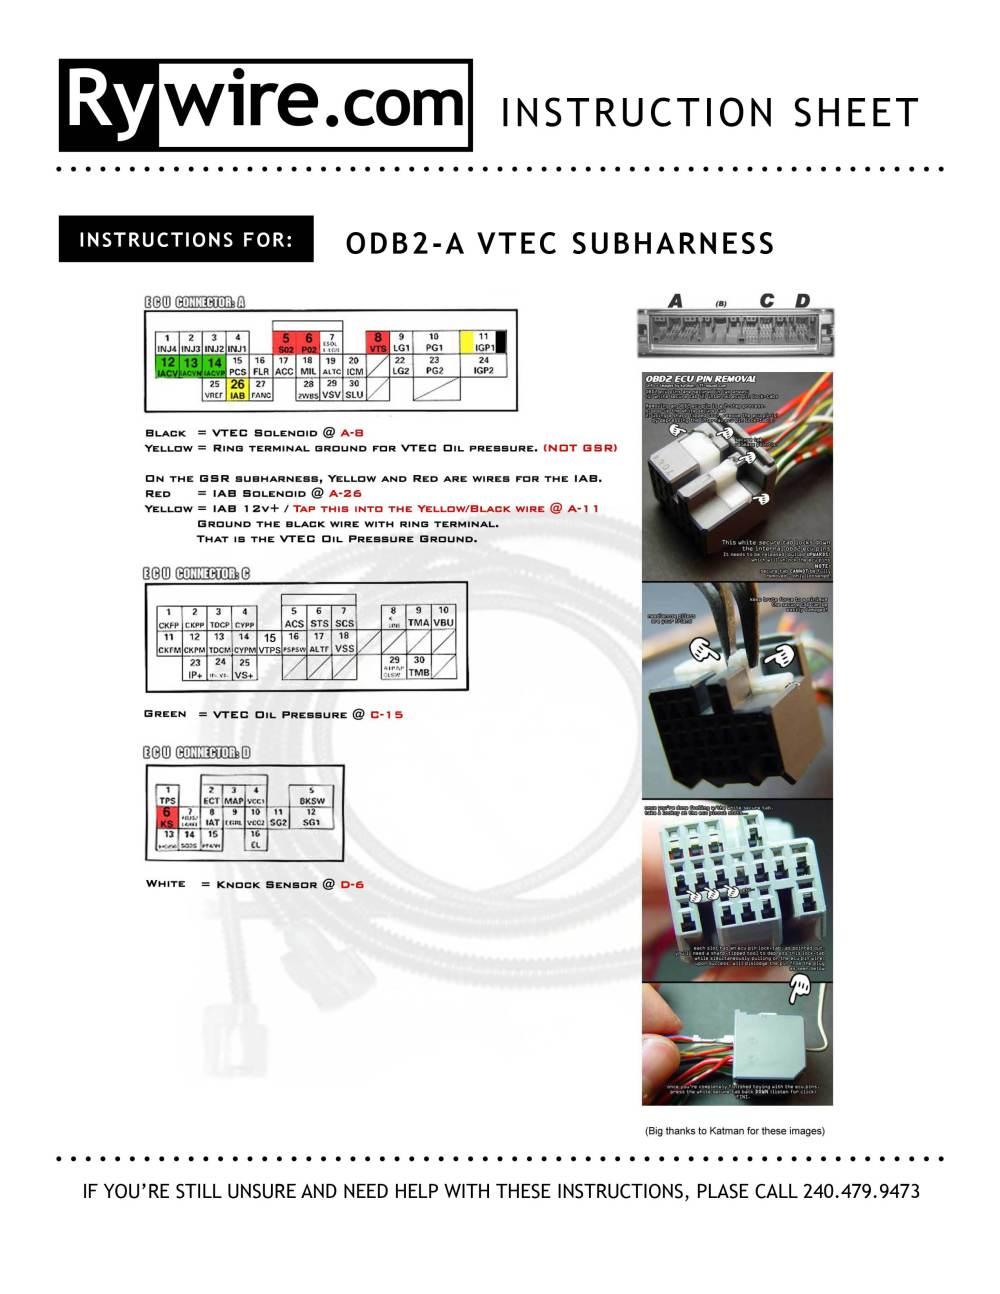 medium resolution of rywire ecu diagram wiring diagram load rywire ecu diagram